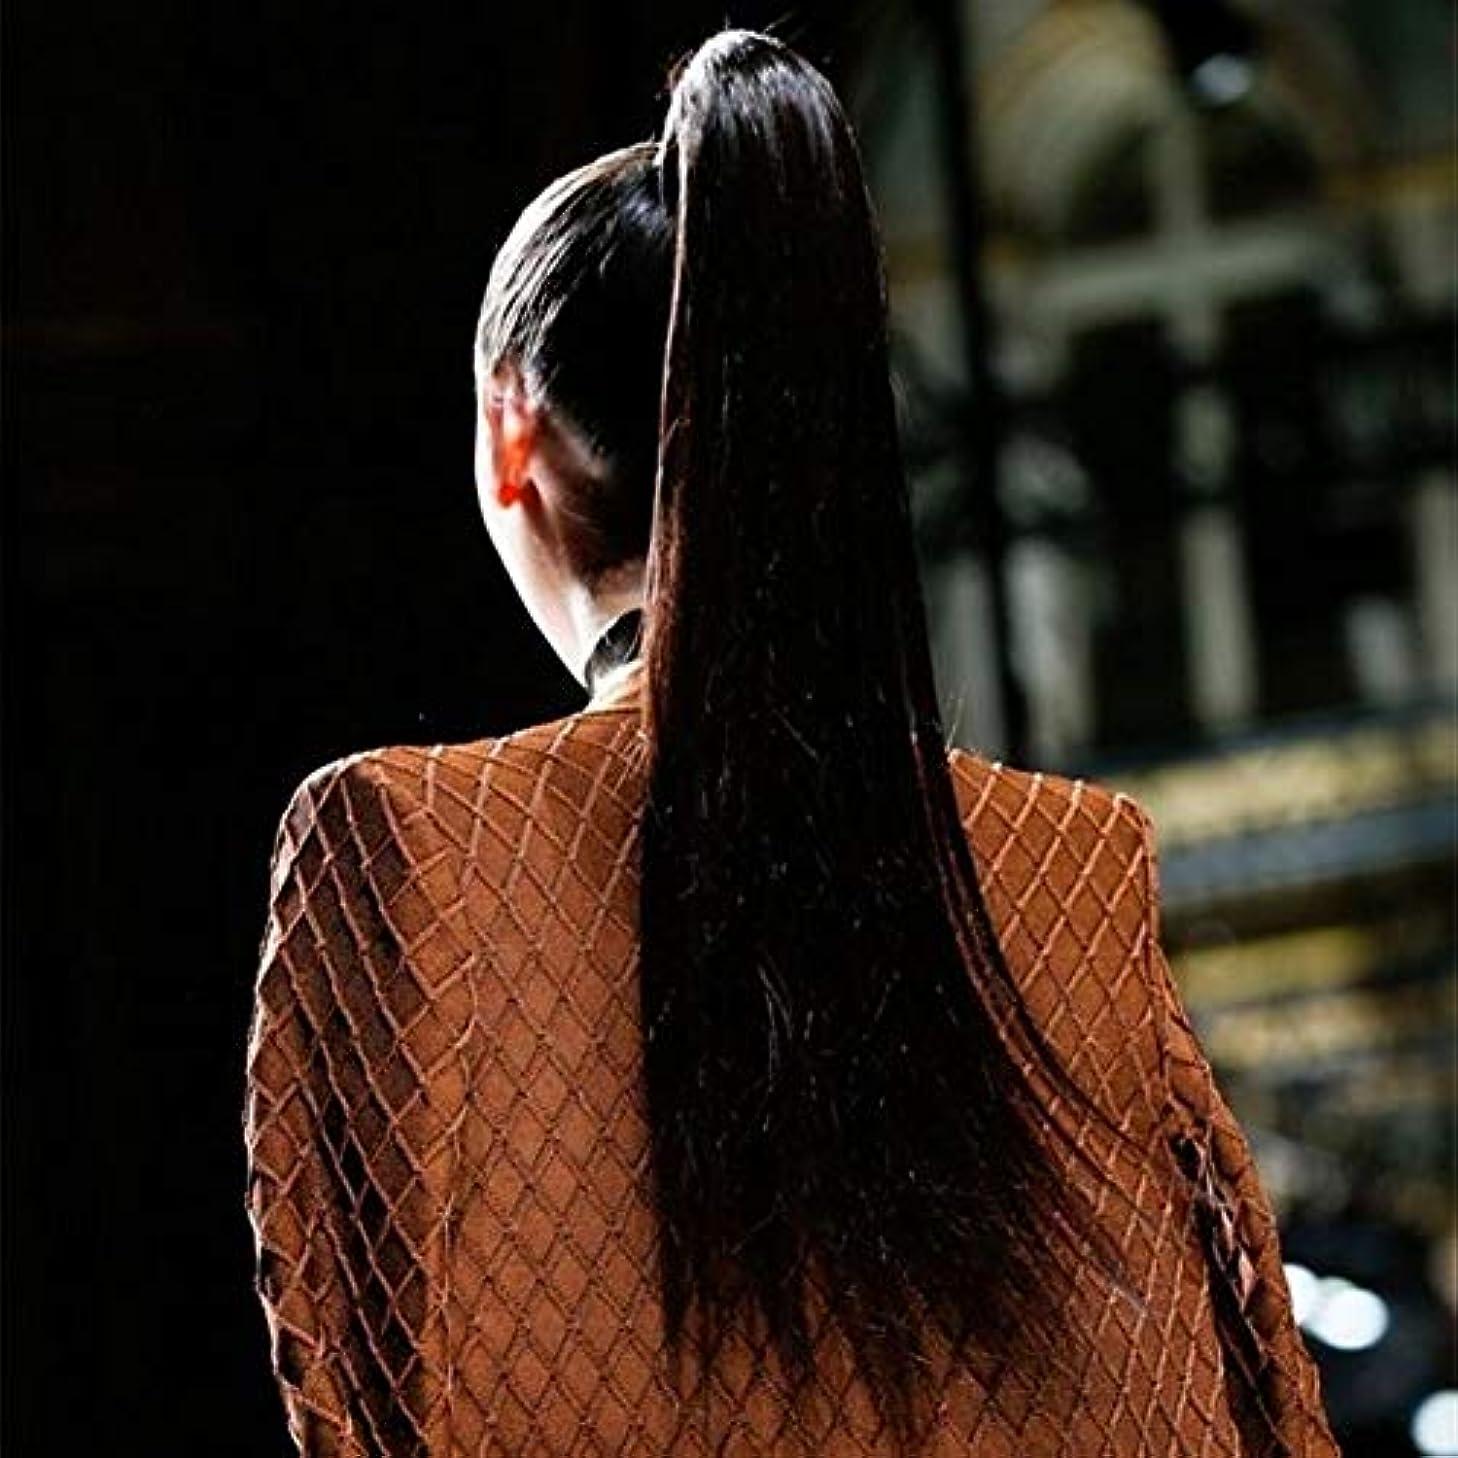 正確なシーボード信頼かつら マッソン女性ストラップポケット本物のかつらの長いストレートの髪は本物の色素は高温になる場合がありかつら、スギナストラップ